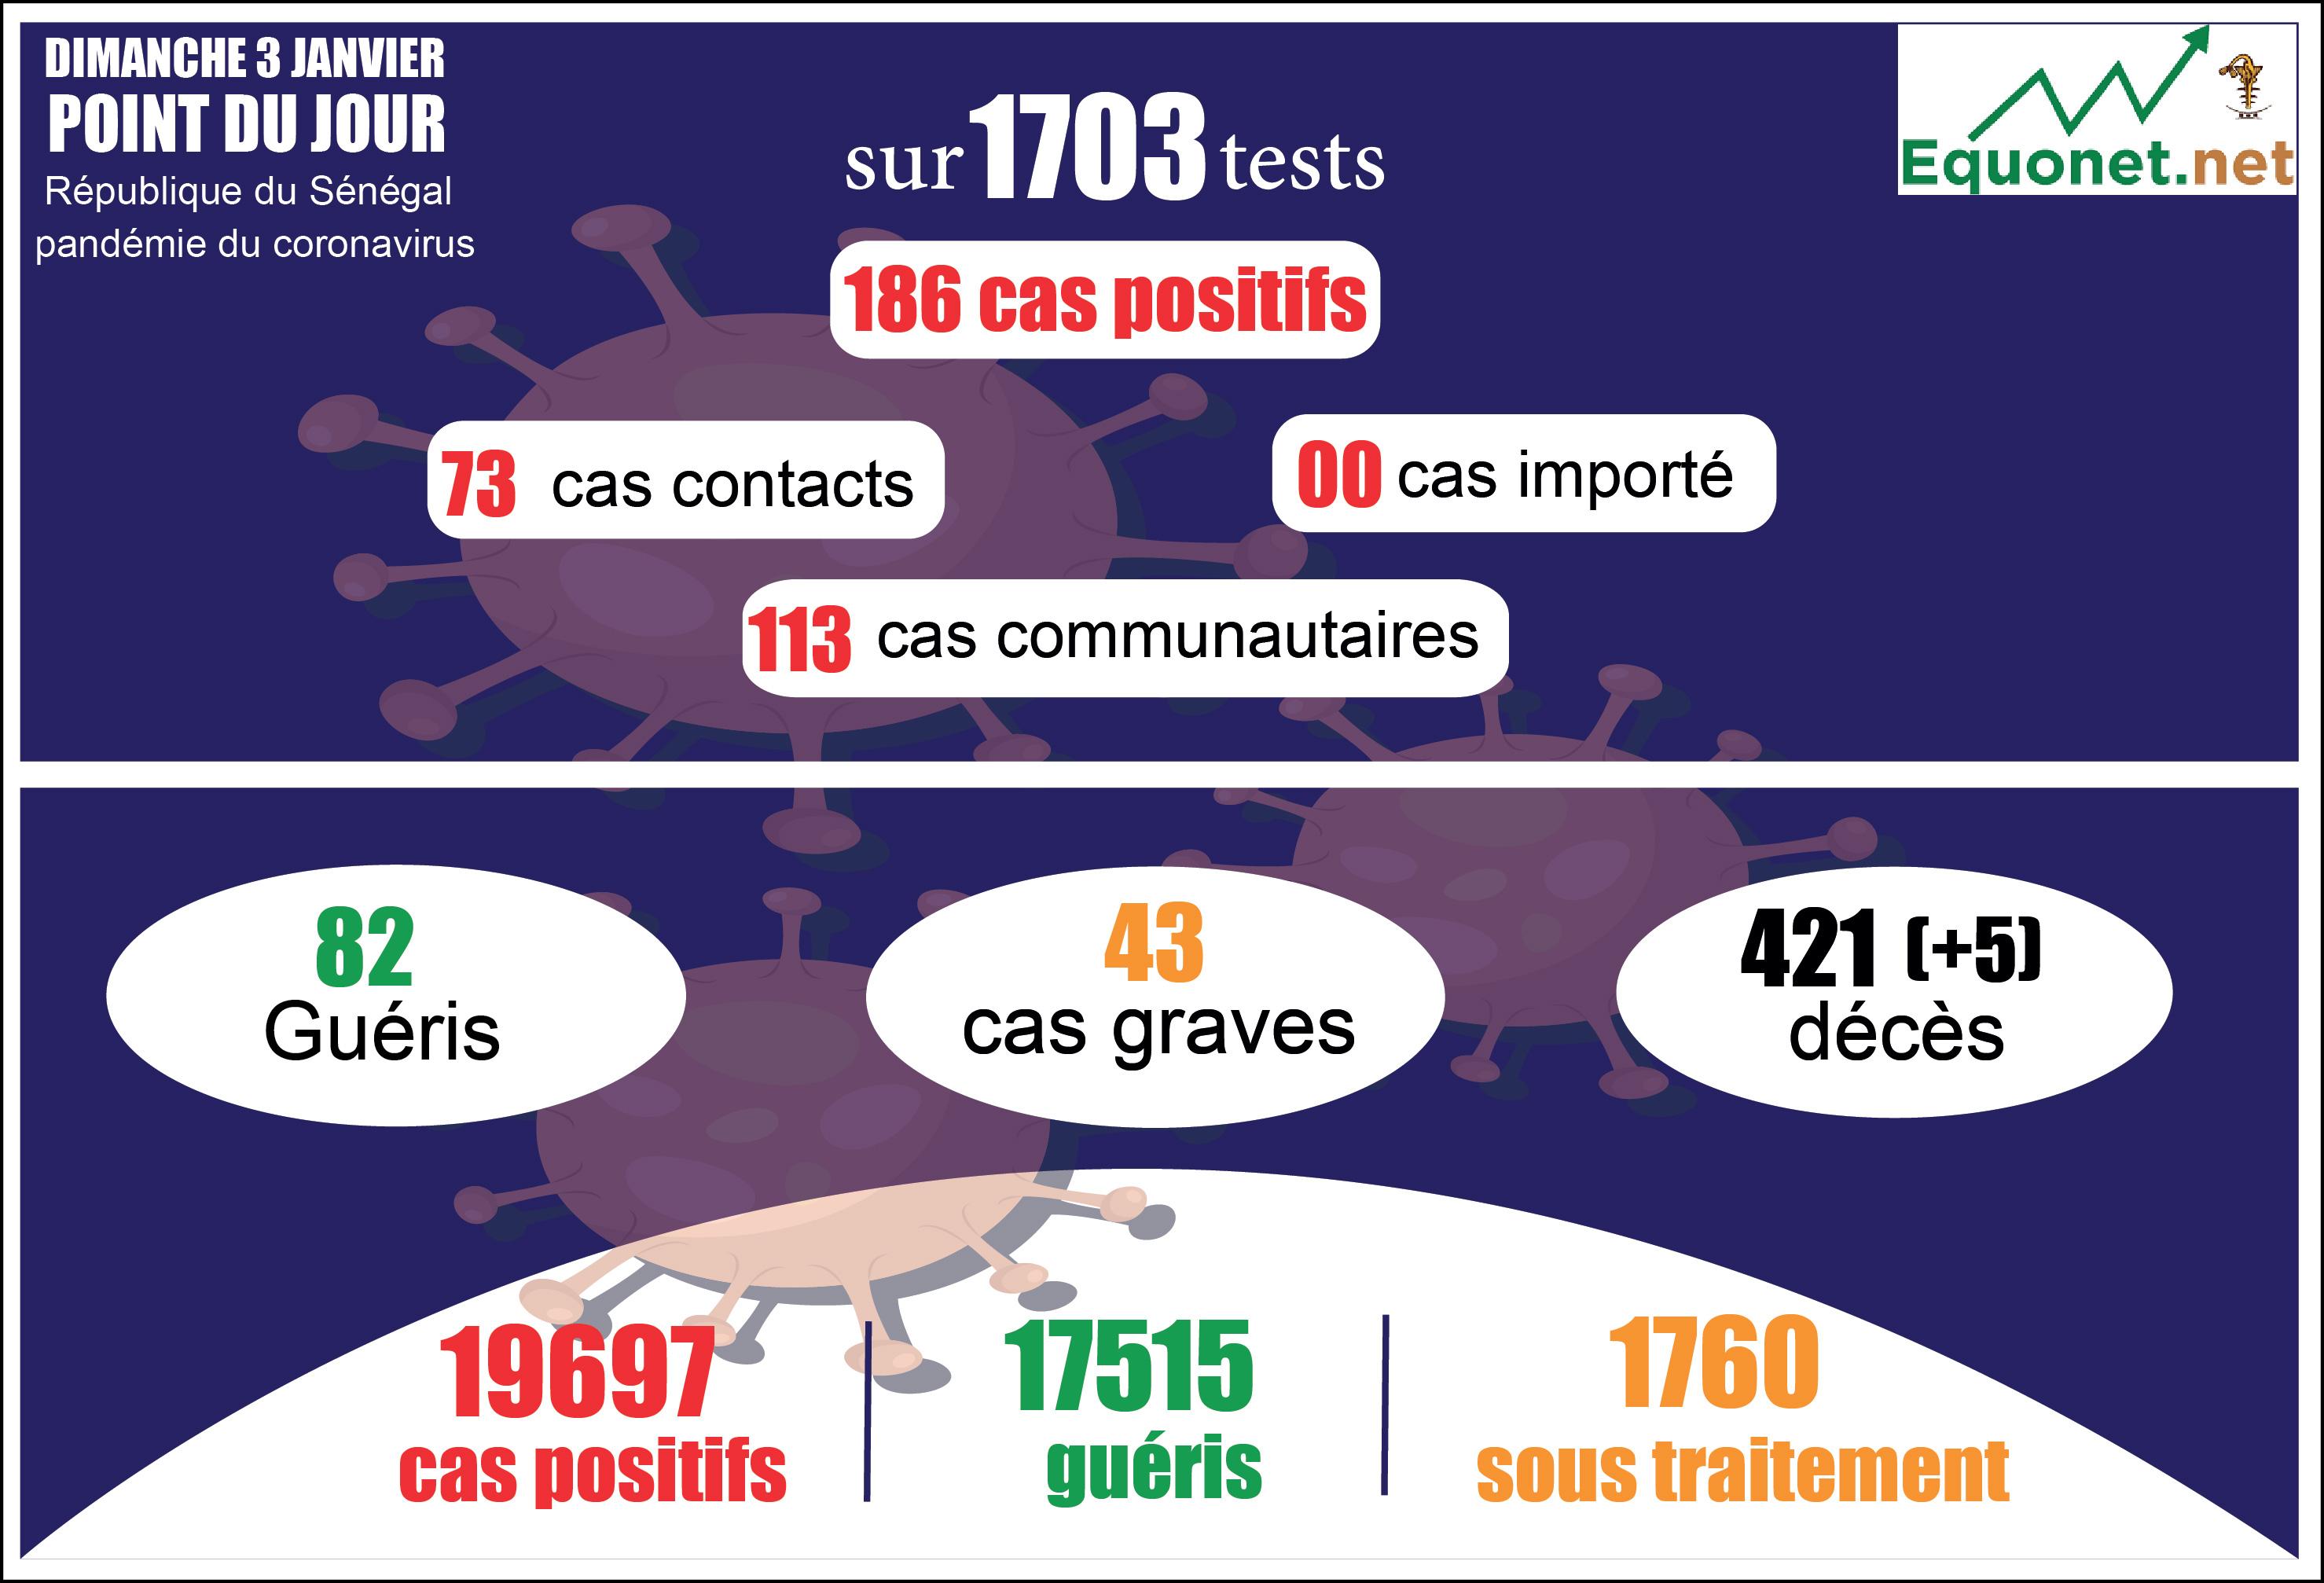 pandémie du coronavirus-covid-19 au sénégal : 113 cas communautaires ont été enregistrés ce dimanche 3 janvier 2021